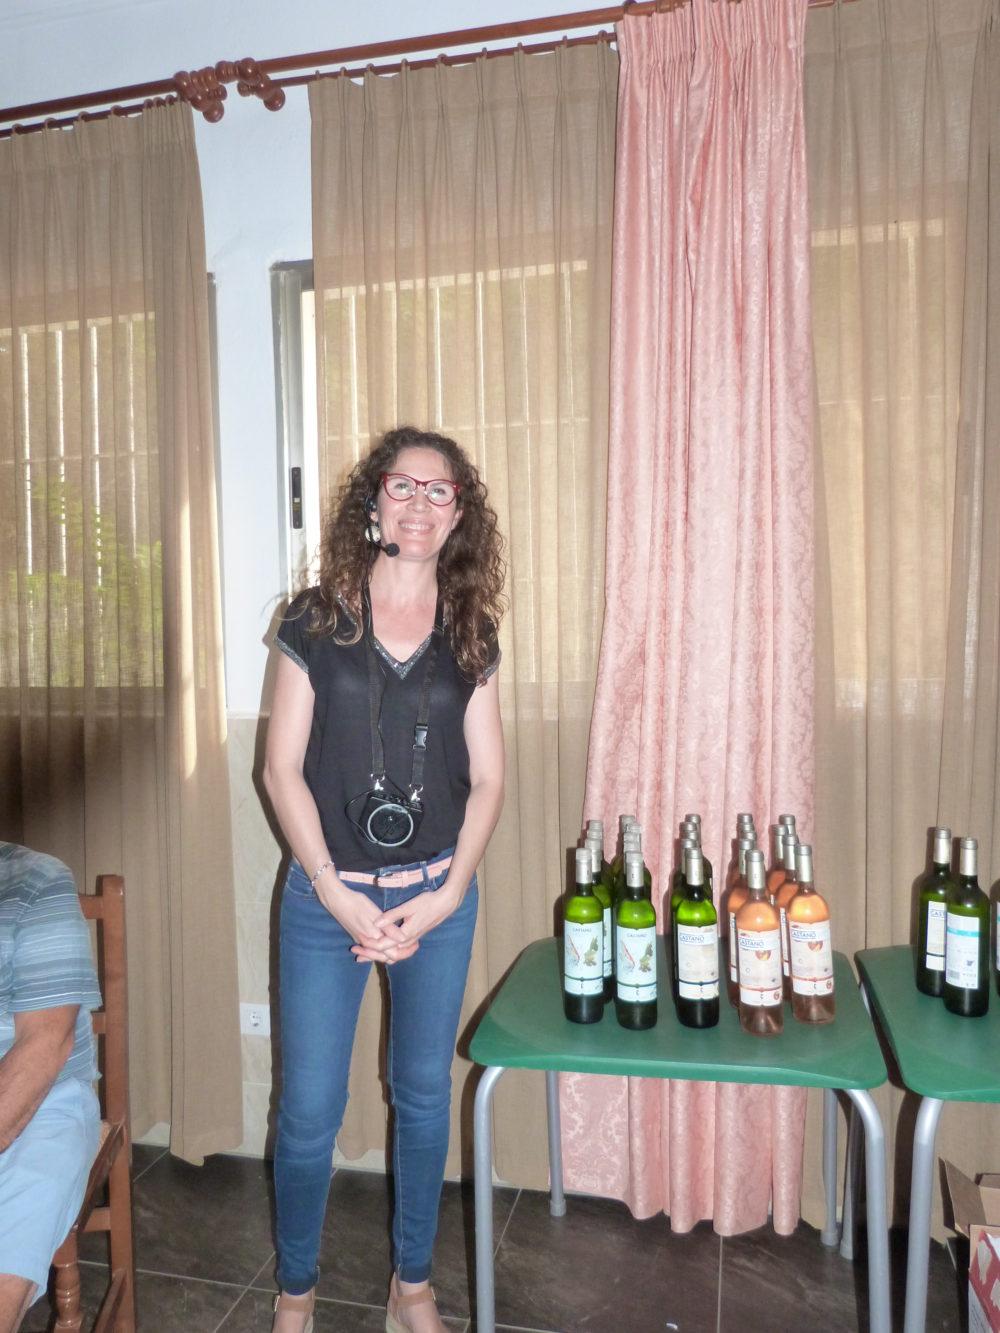 Our host – Raquel